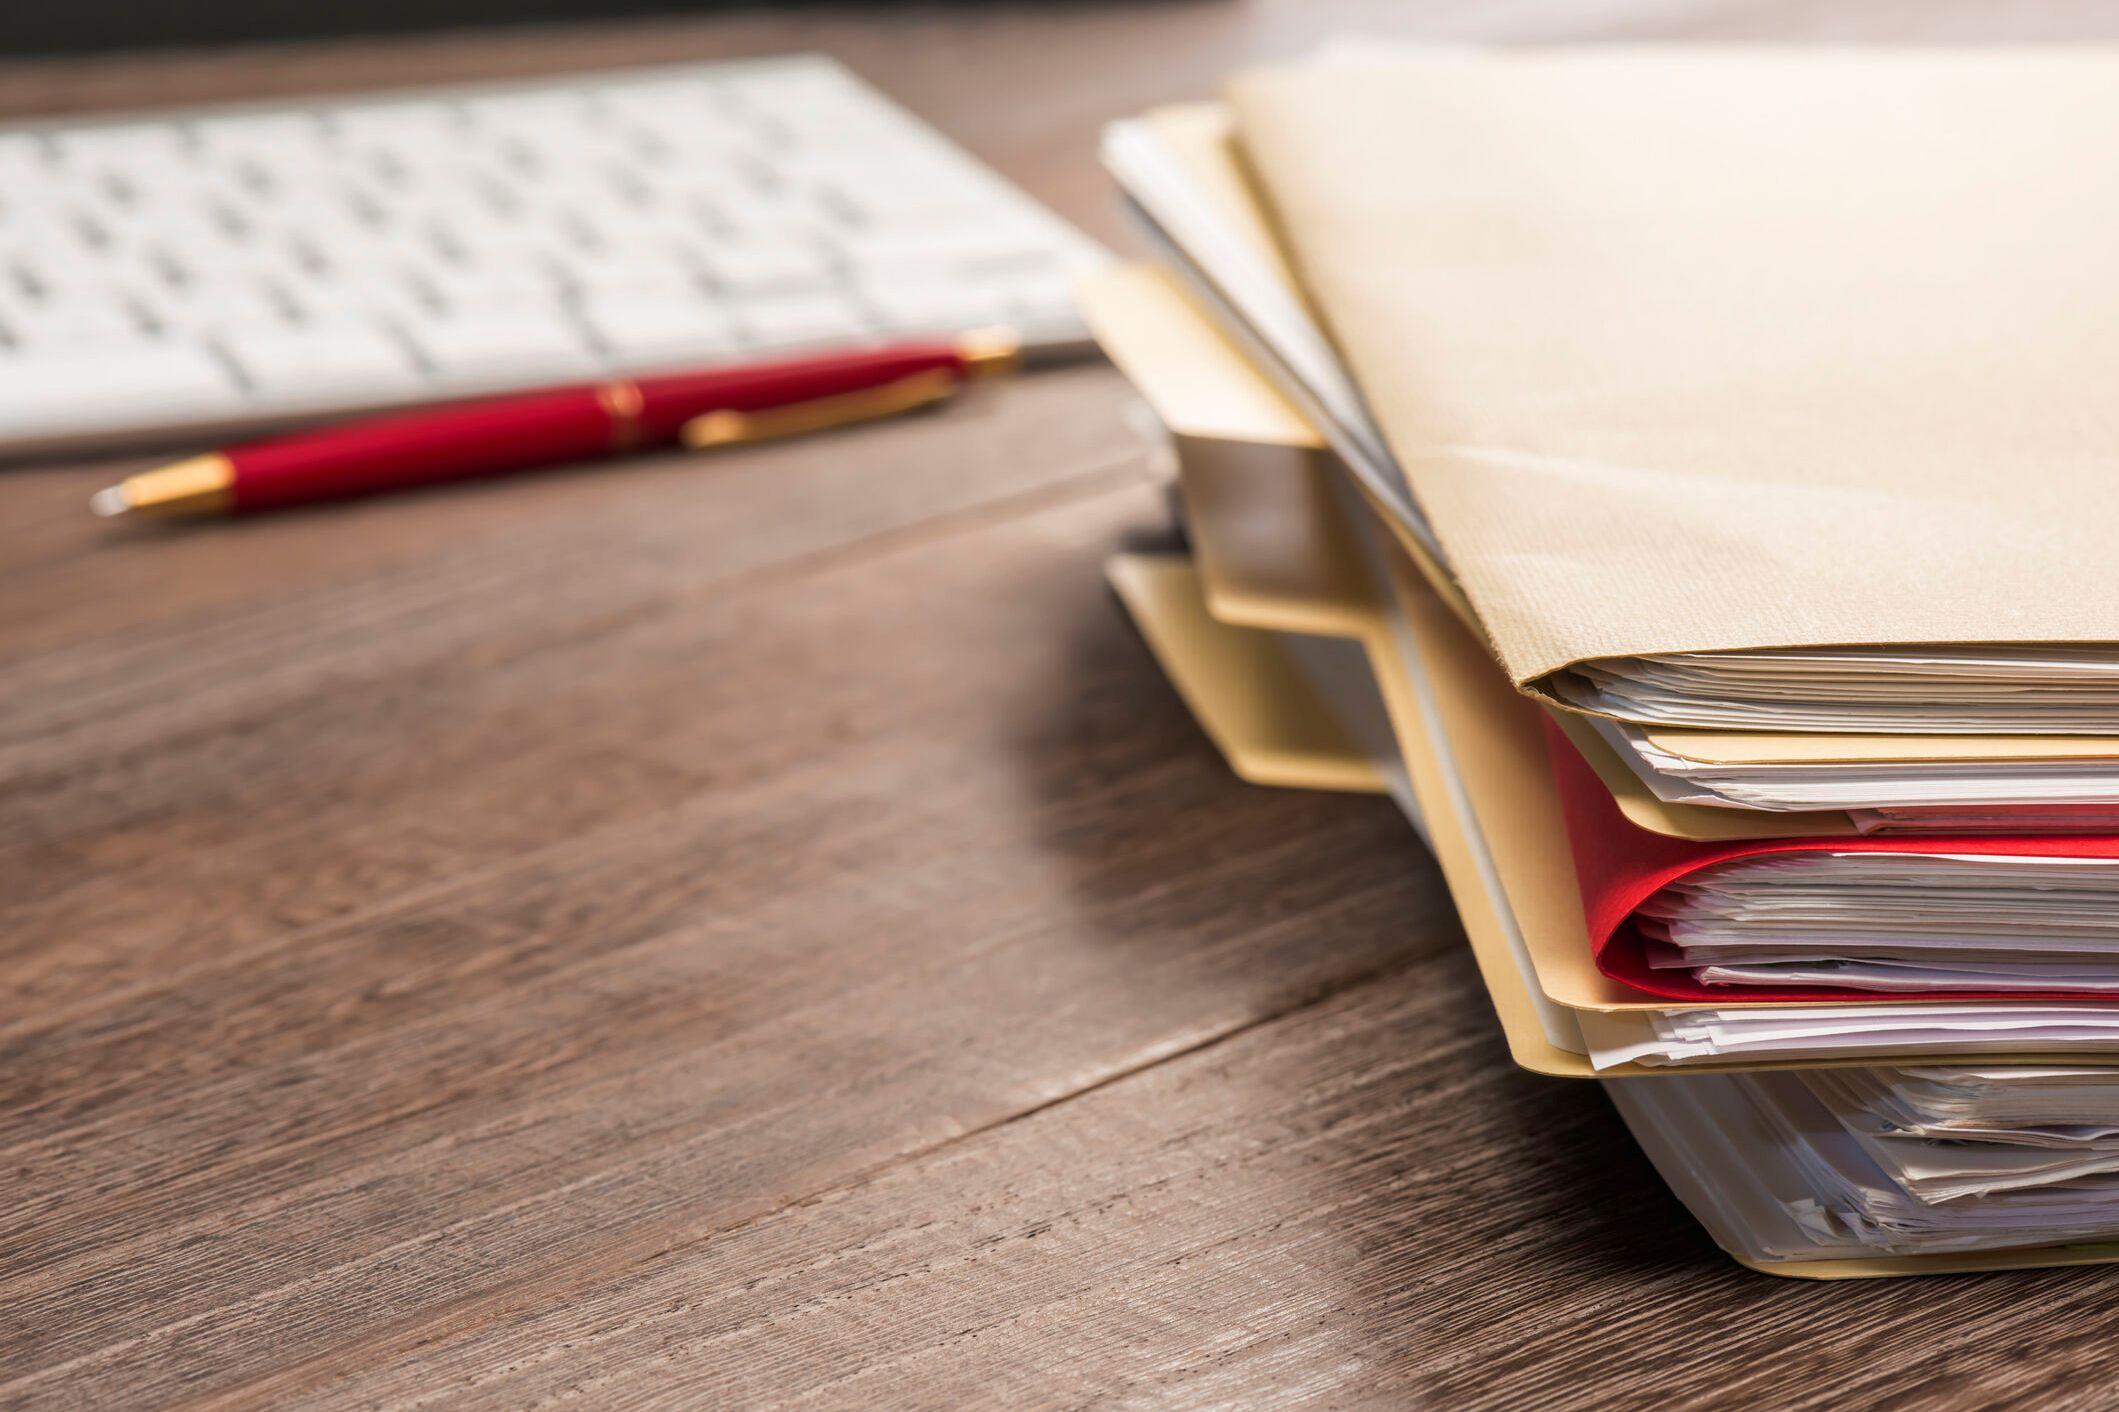 Список необходимых документов для получения медицинского страхования для безработных